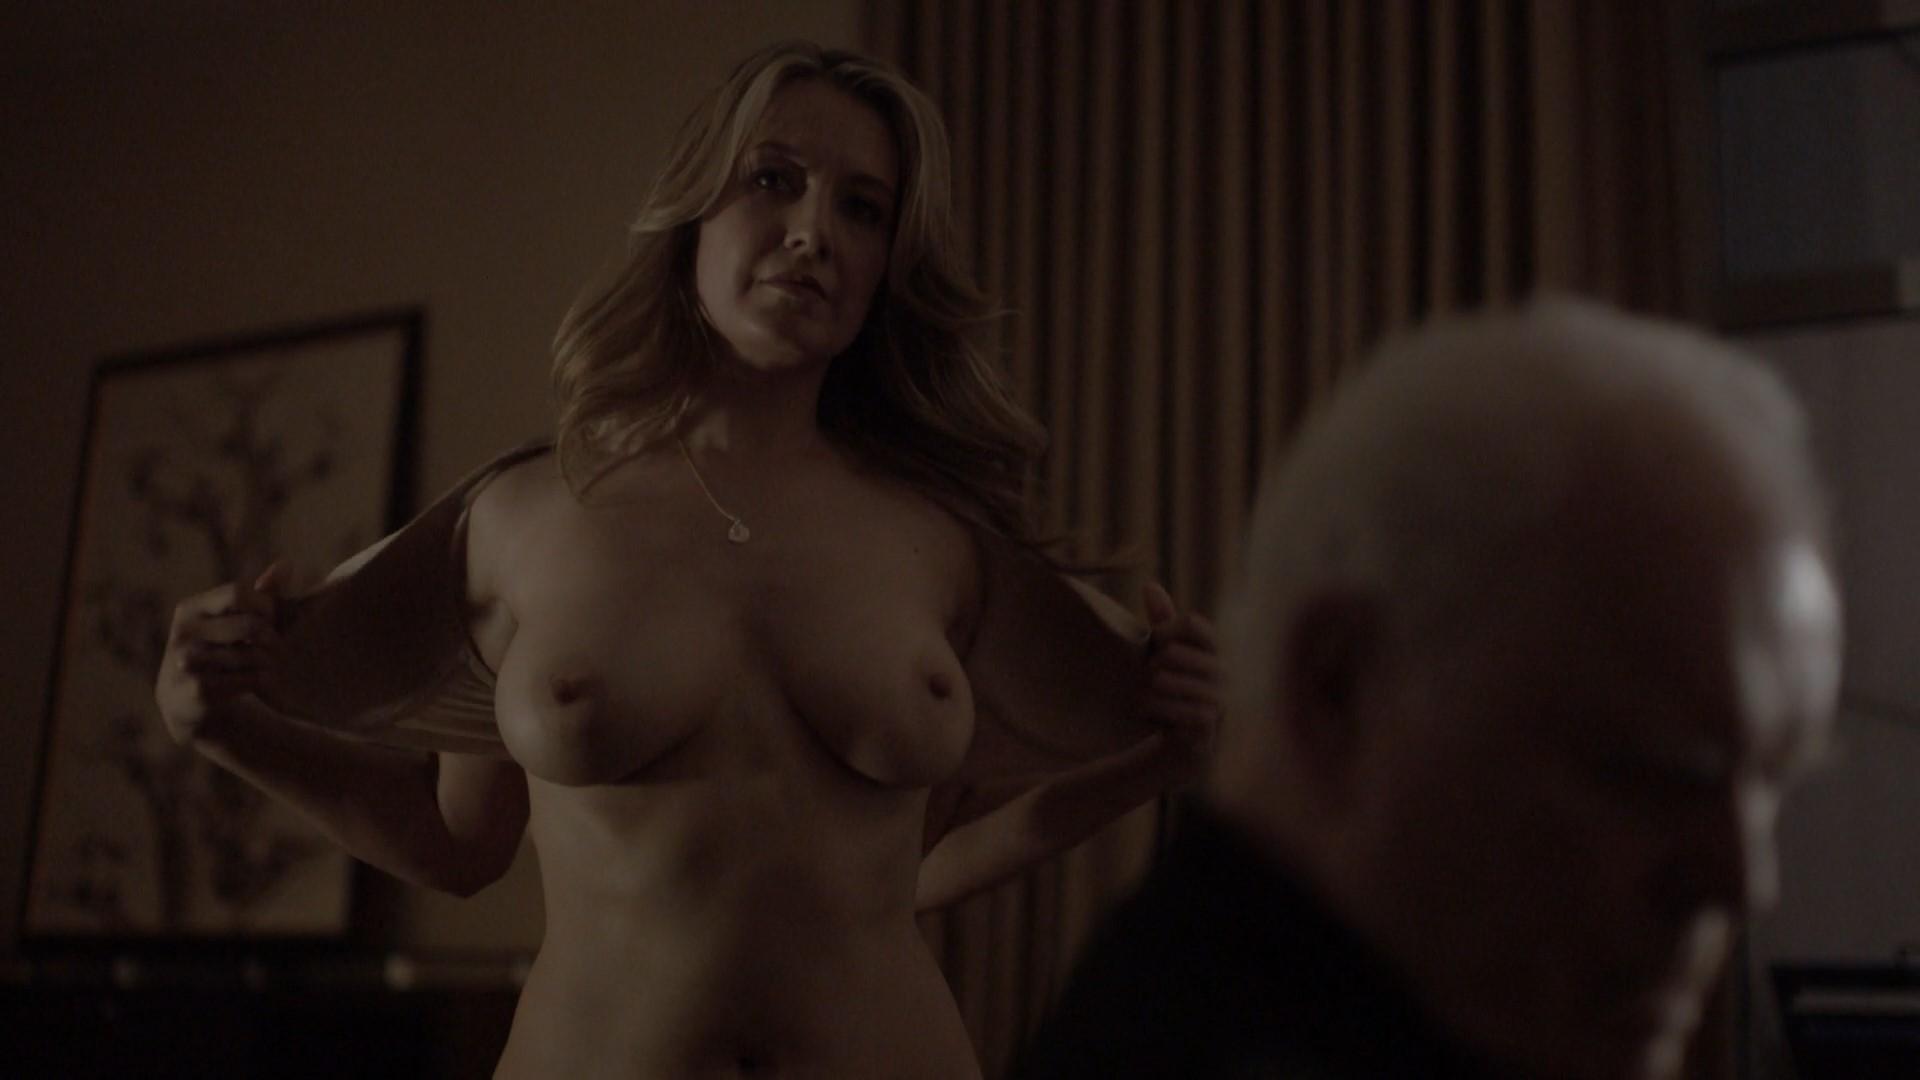 natasha henstridge nude movies